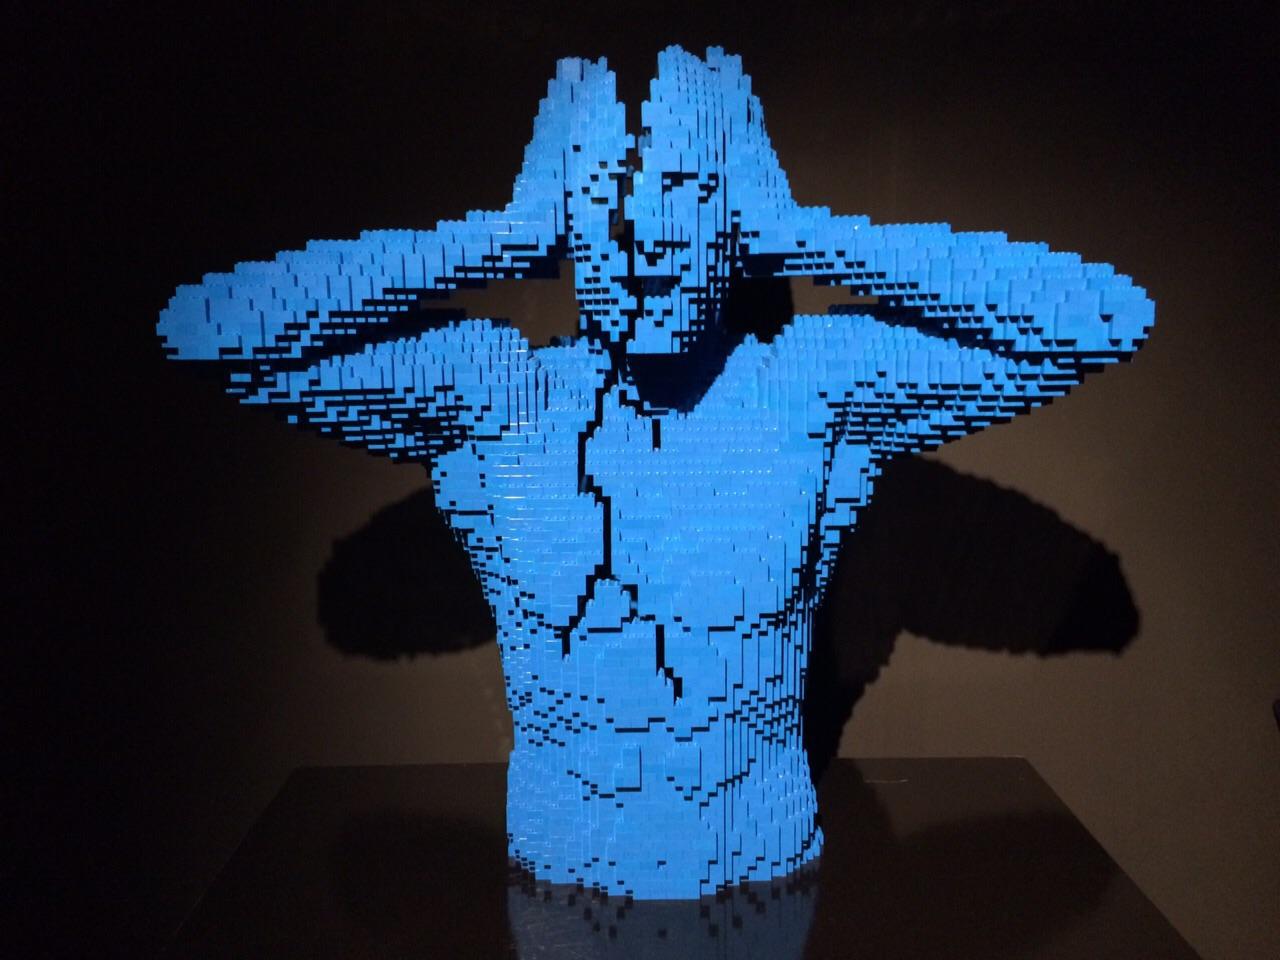 The Art of the Brick _ Broken